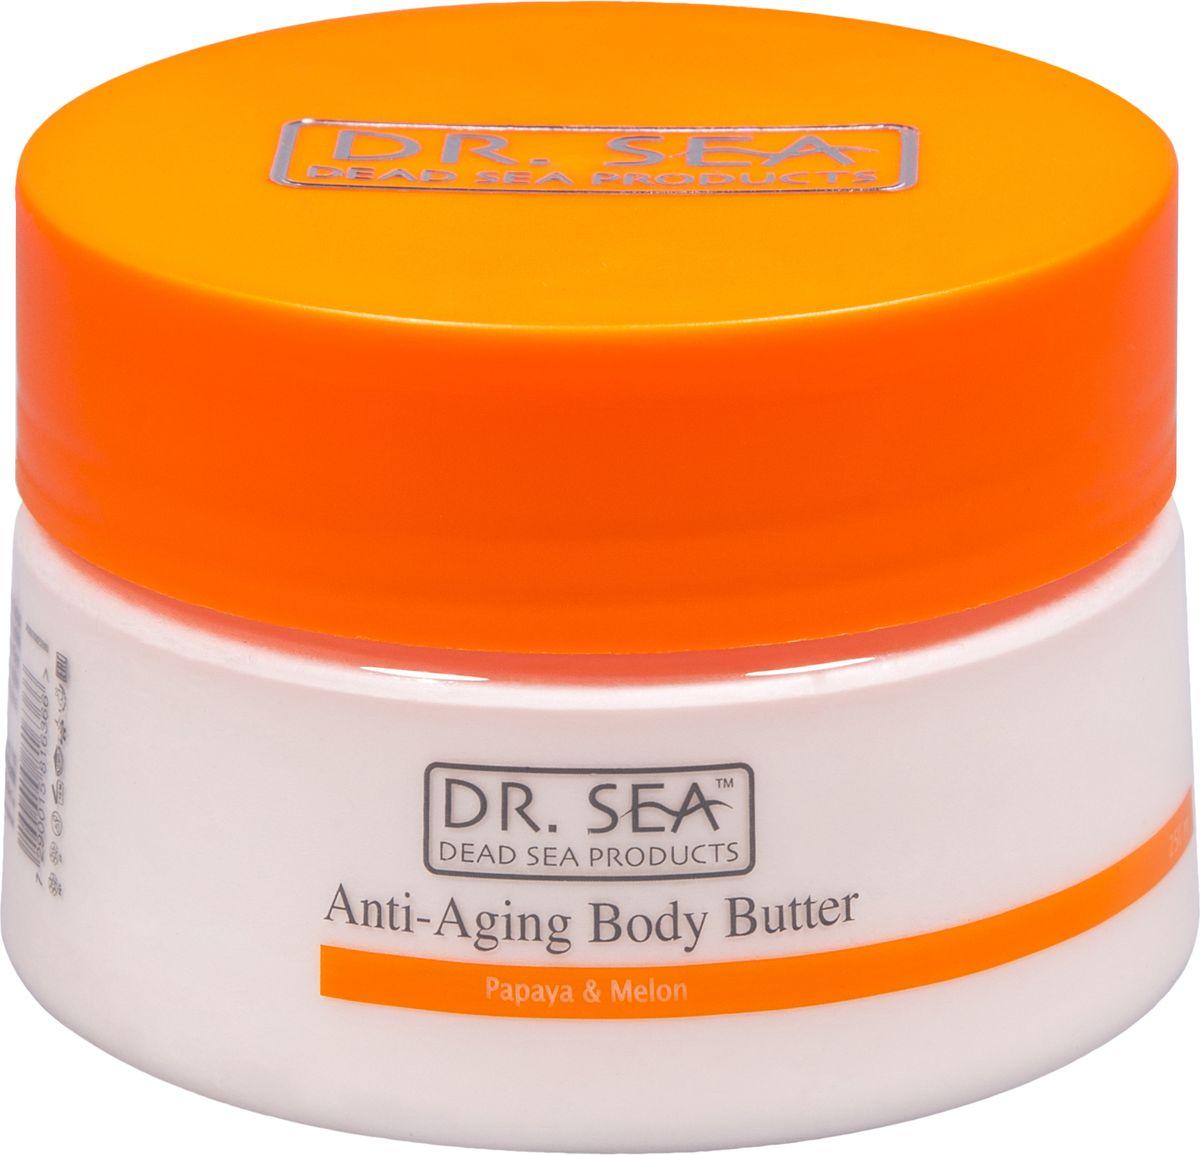 Dr.Sea Масло для тела против старения-папайя и дыня, 250 мл226Ежедневное применение масла для тела Dr. Sea позволяет коже эффективно противостоять процессу старения, повышает ее эластичность и упругость. Содержит минералы Мертвого моря, натуральные эфирные и растительные масла, а также витамины C и E, жирные кислоты омега-3 и омега-6. Способствует предотвращению растяжек, рекомендуется к применению в период диеты или беременности. Способ применения: после каждого принятия ванны или душа наносите на кожу массирующими движениями и втирайте до полного впитывания. Основу косметики Dr. Sea составляют минералы, грязи и органические вытяжки Мертвого моря, а также натуральные растительные экстракты. Косметические средства Dr. Sea разрабатываются и производятся исключительно на территории Израиля в новейших технологических условиях, позволяющих максимально раскрыть и сохранить целебные свойства природных компонентов. Ни в одном из препаратов не содержится парааминобензойная кислота (так называемый парабен), а в составе шампуней и...